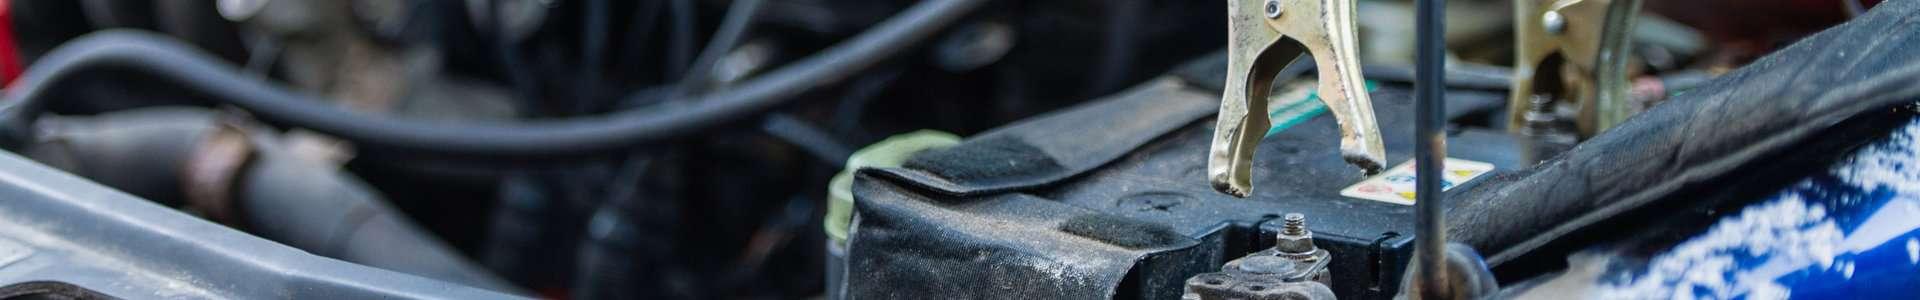 awaryjne odpalanie pojazdu na kable